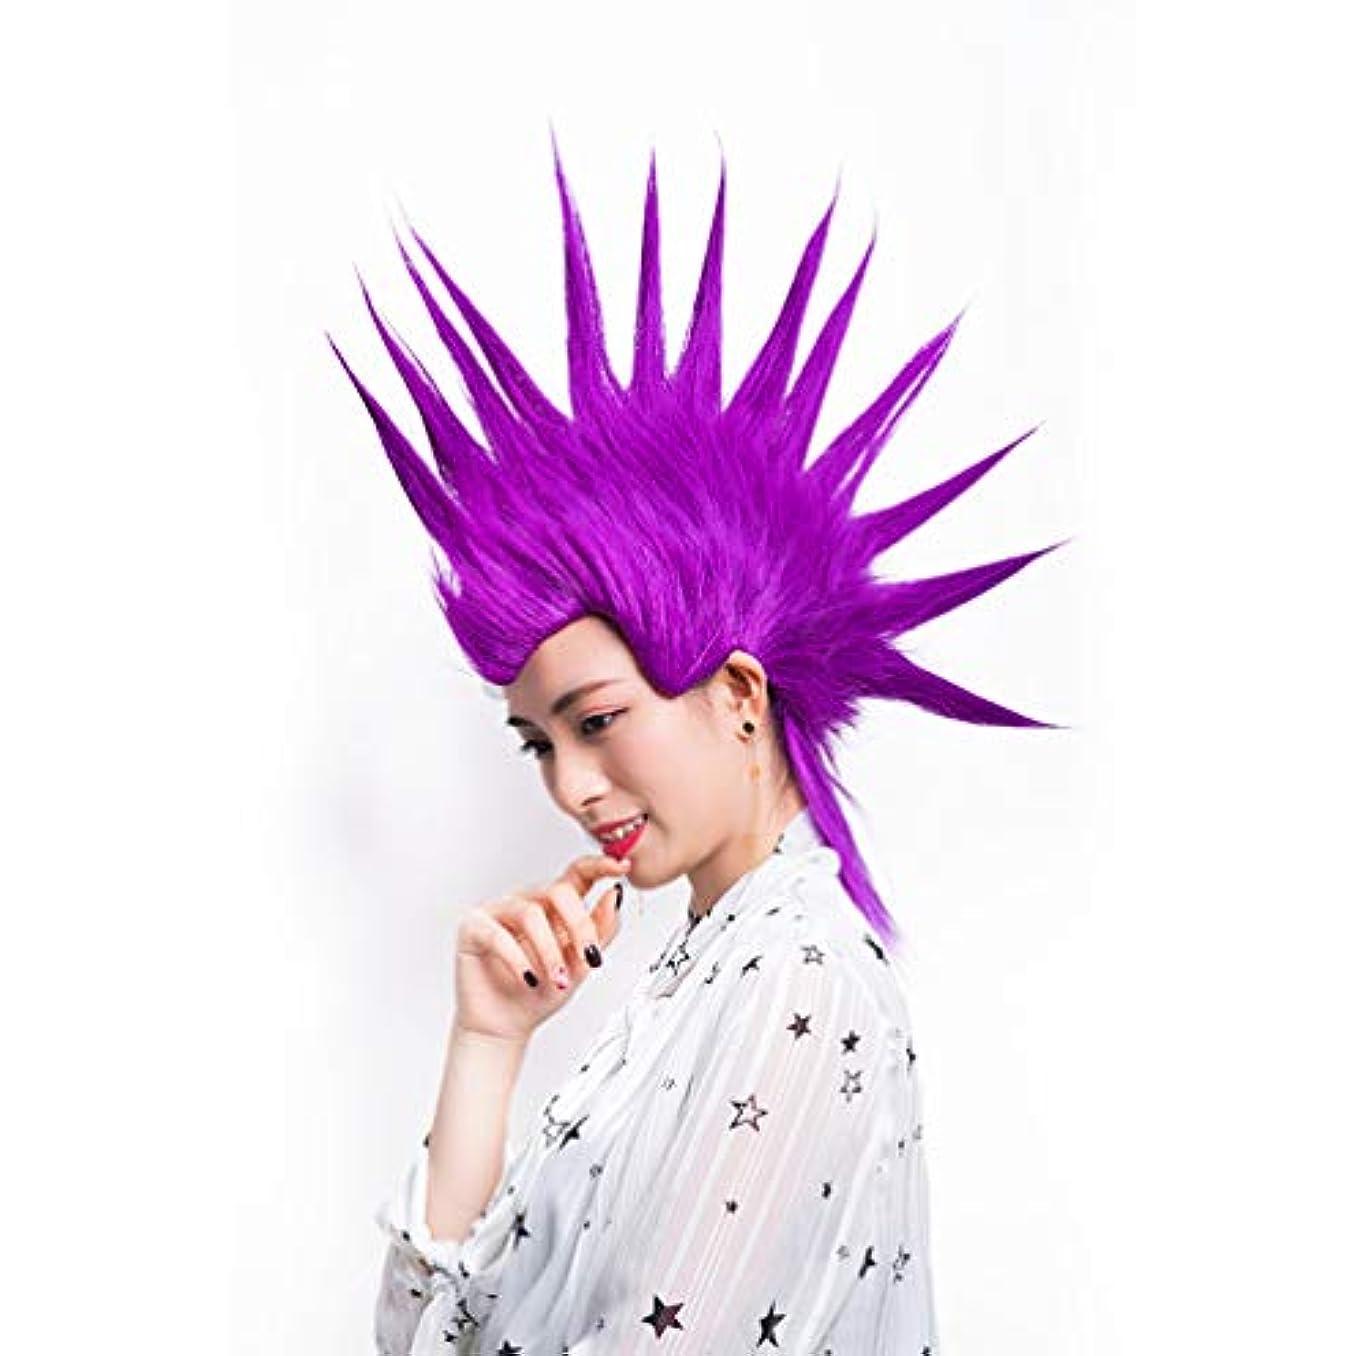 在庫可能そこ男性ウィッグ女性ウィッグハロウィンコスプレコスチュームアニメ大人&十代の若者たち短い人工毛仮装カーニバルパーティー